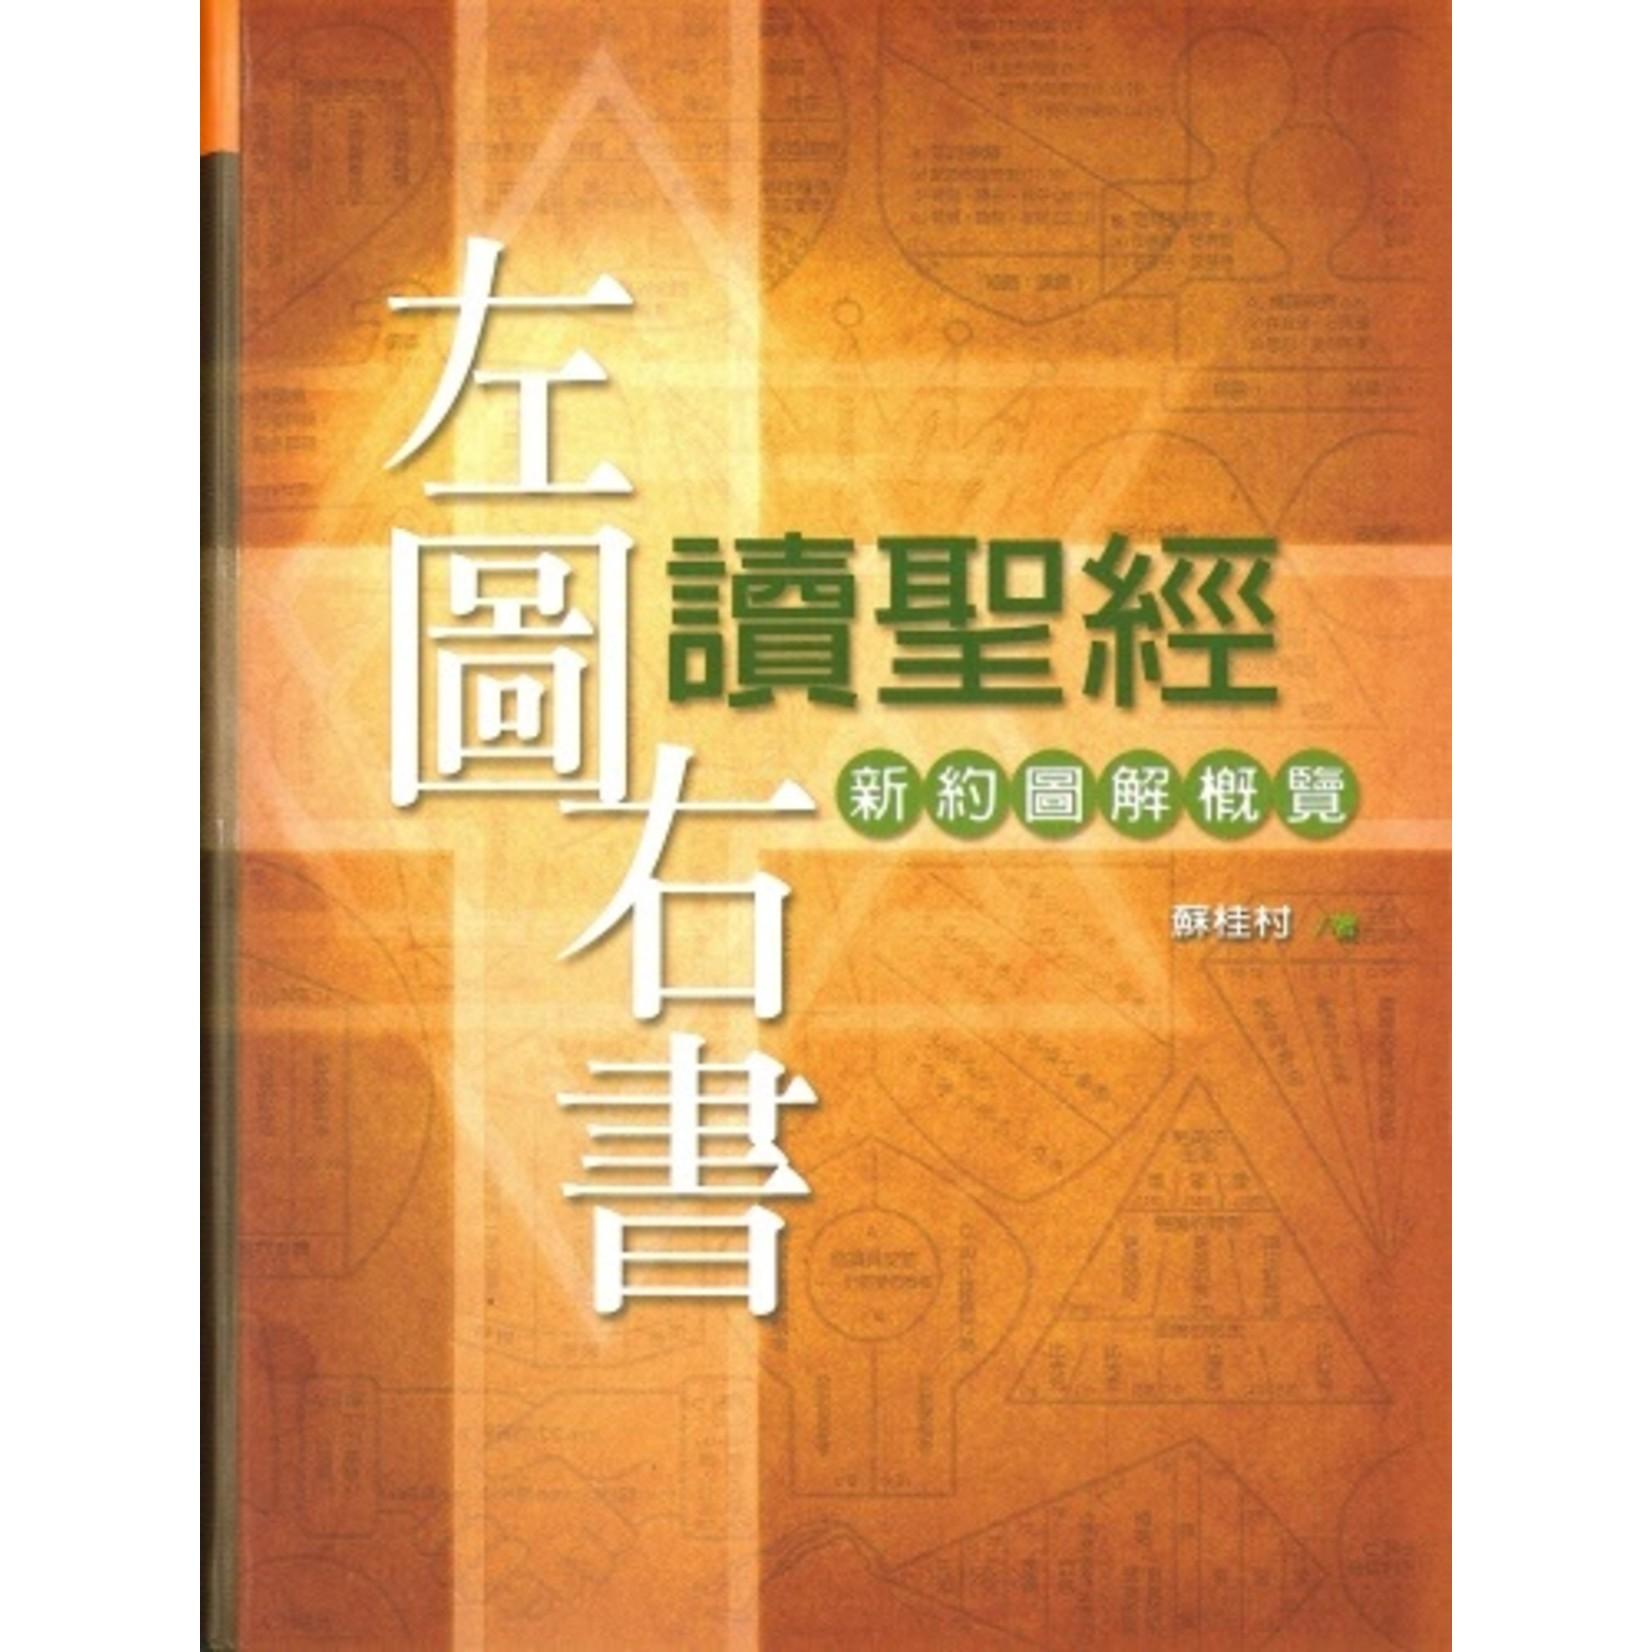 基督使者協會 Ambassadors for Christ 左圖右書讀聖經:新約圖解概覽